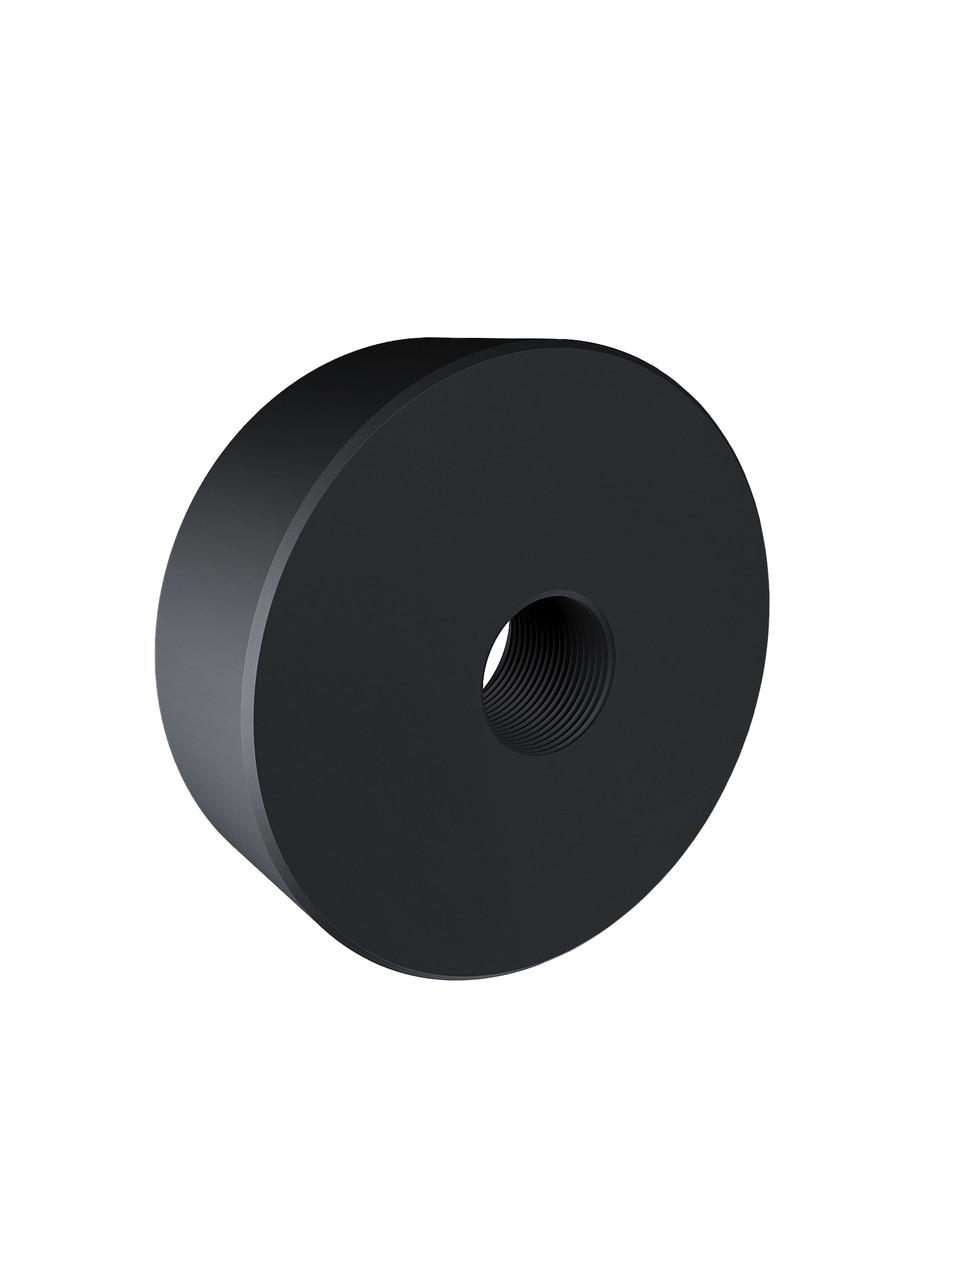 ODF-06-26-21-L15 Дистанція 15 мм для коннектора діаметром 40 мм з різьбою М10 чорний